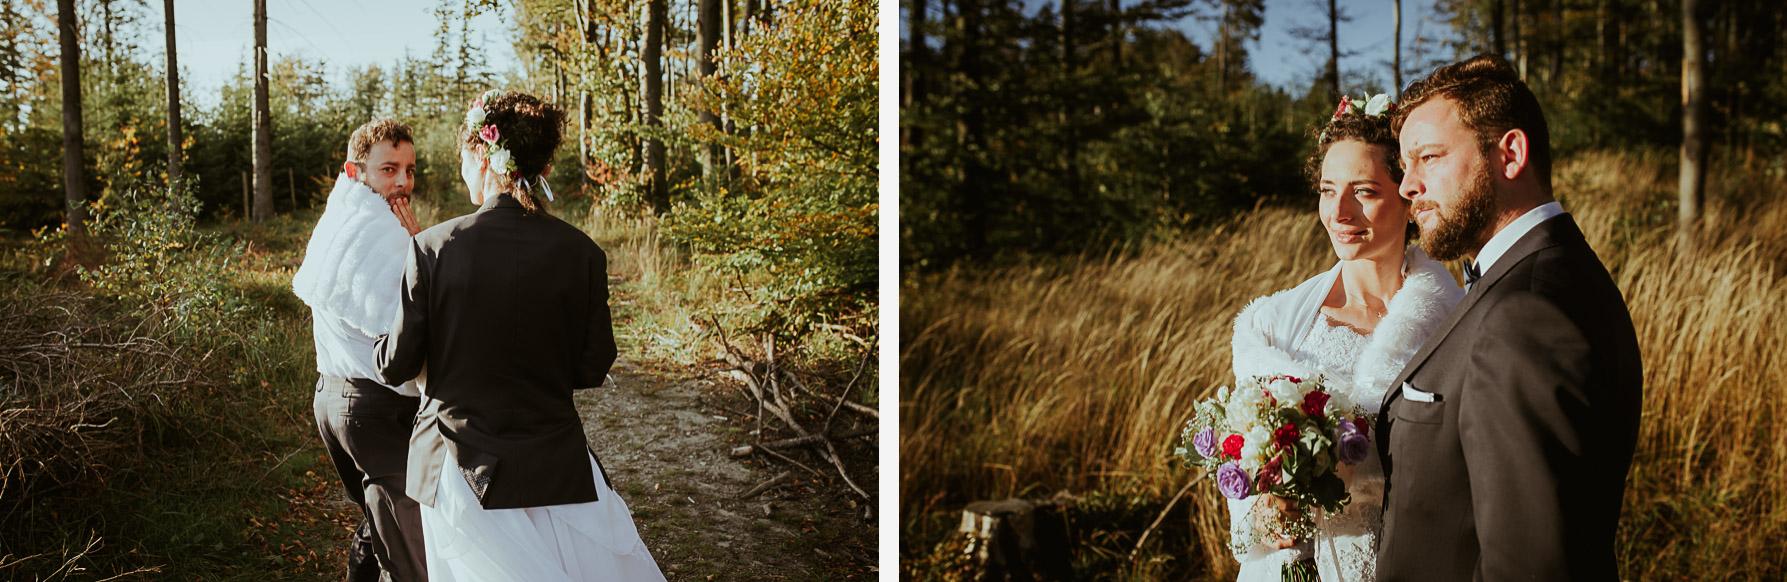 Sesja Plenerowa w górach jesień 040 a8